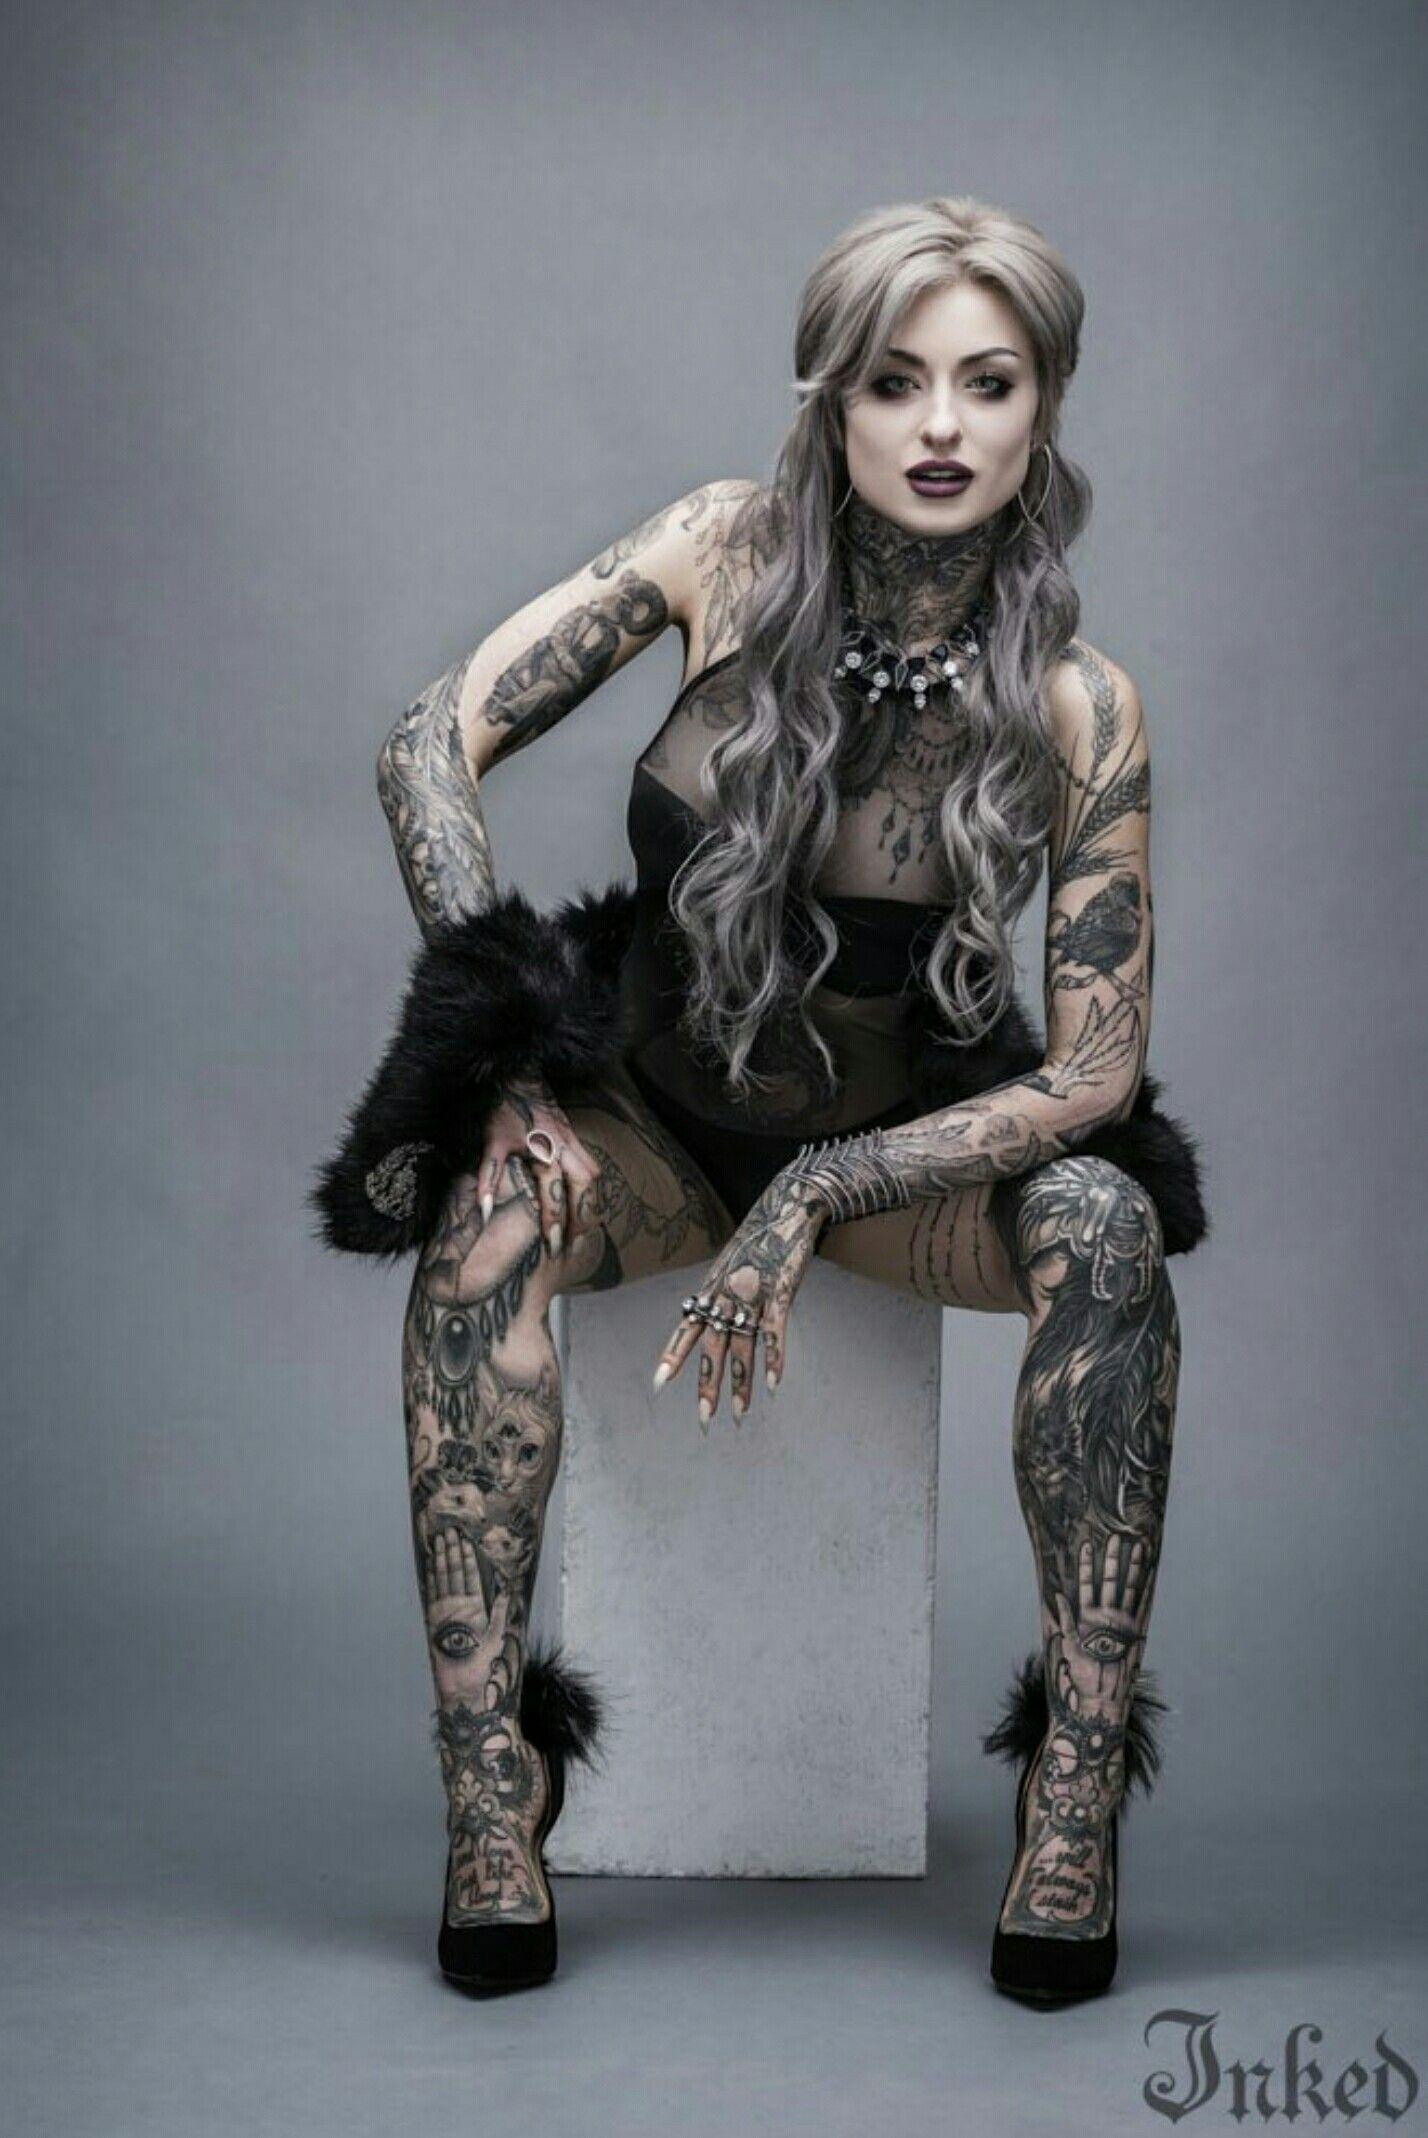 Ryan Ashley Inked Magazine ryan ashley Tattoos, Girl